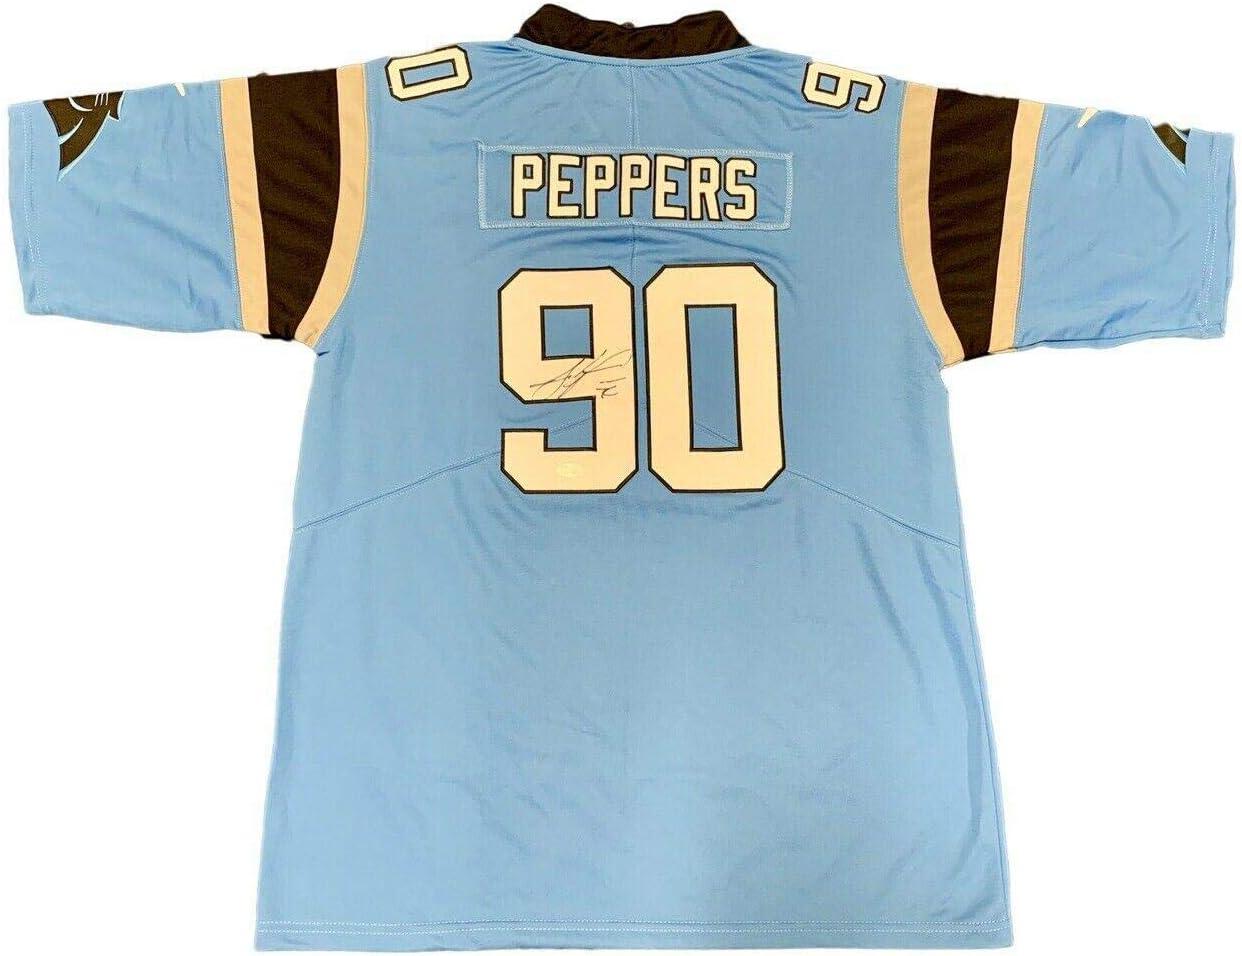 julius peppers jersey